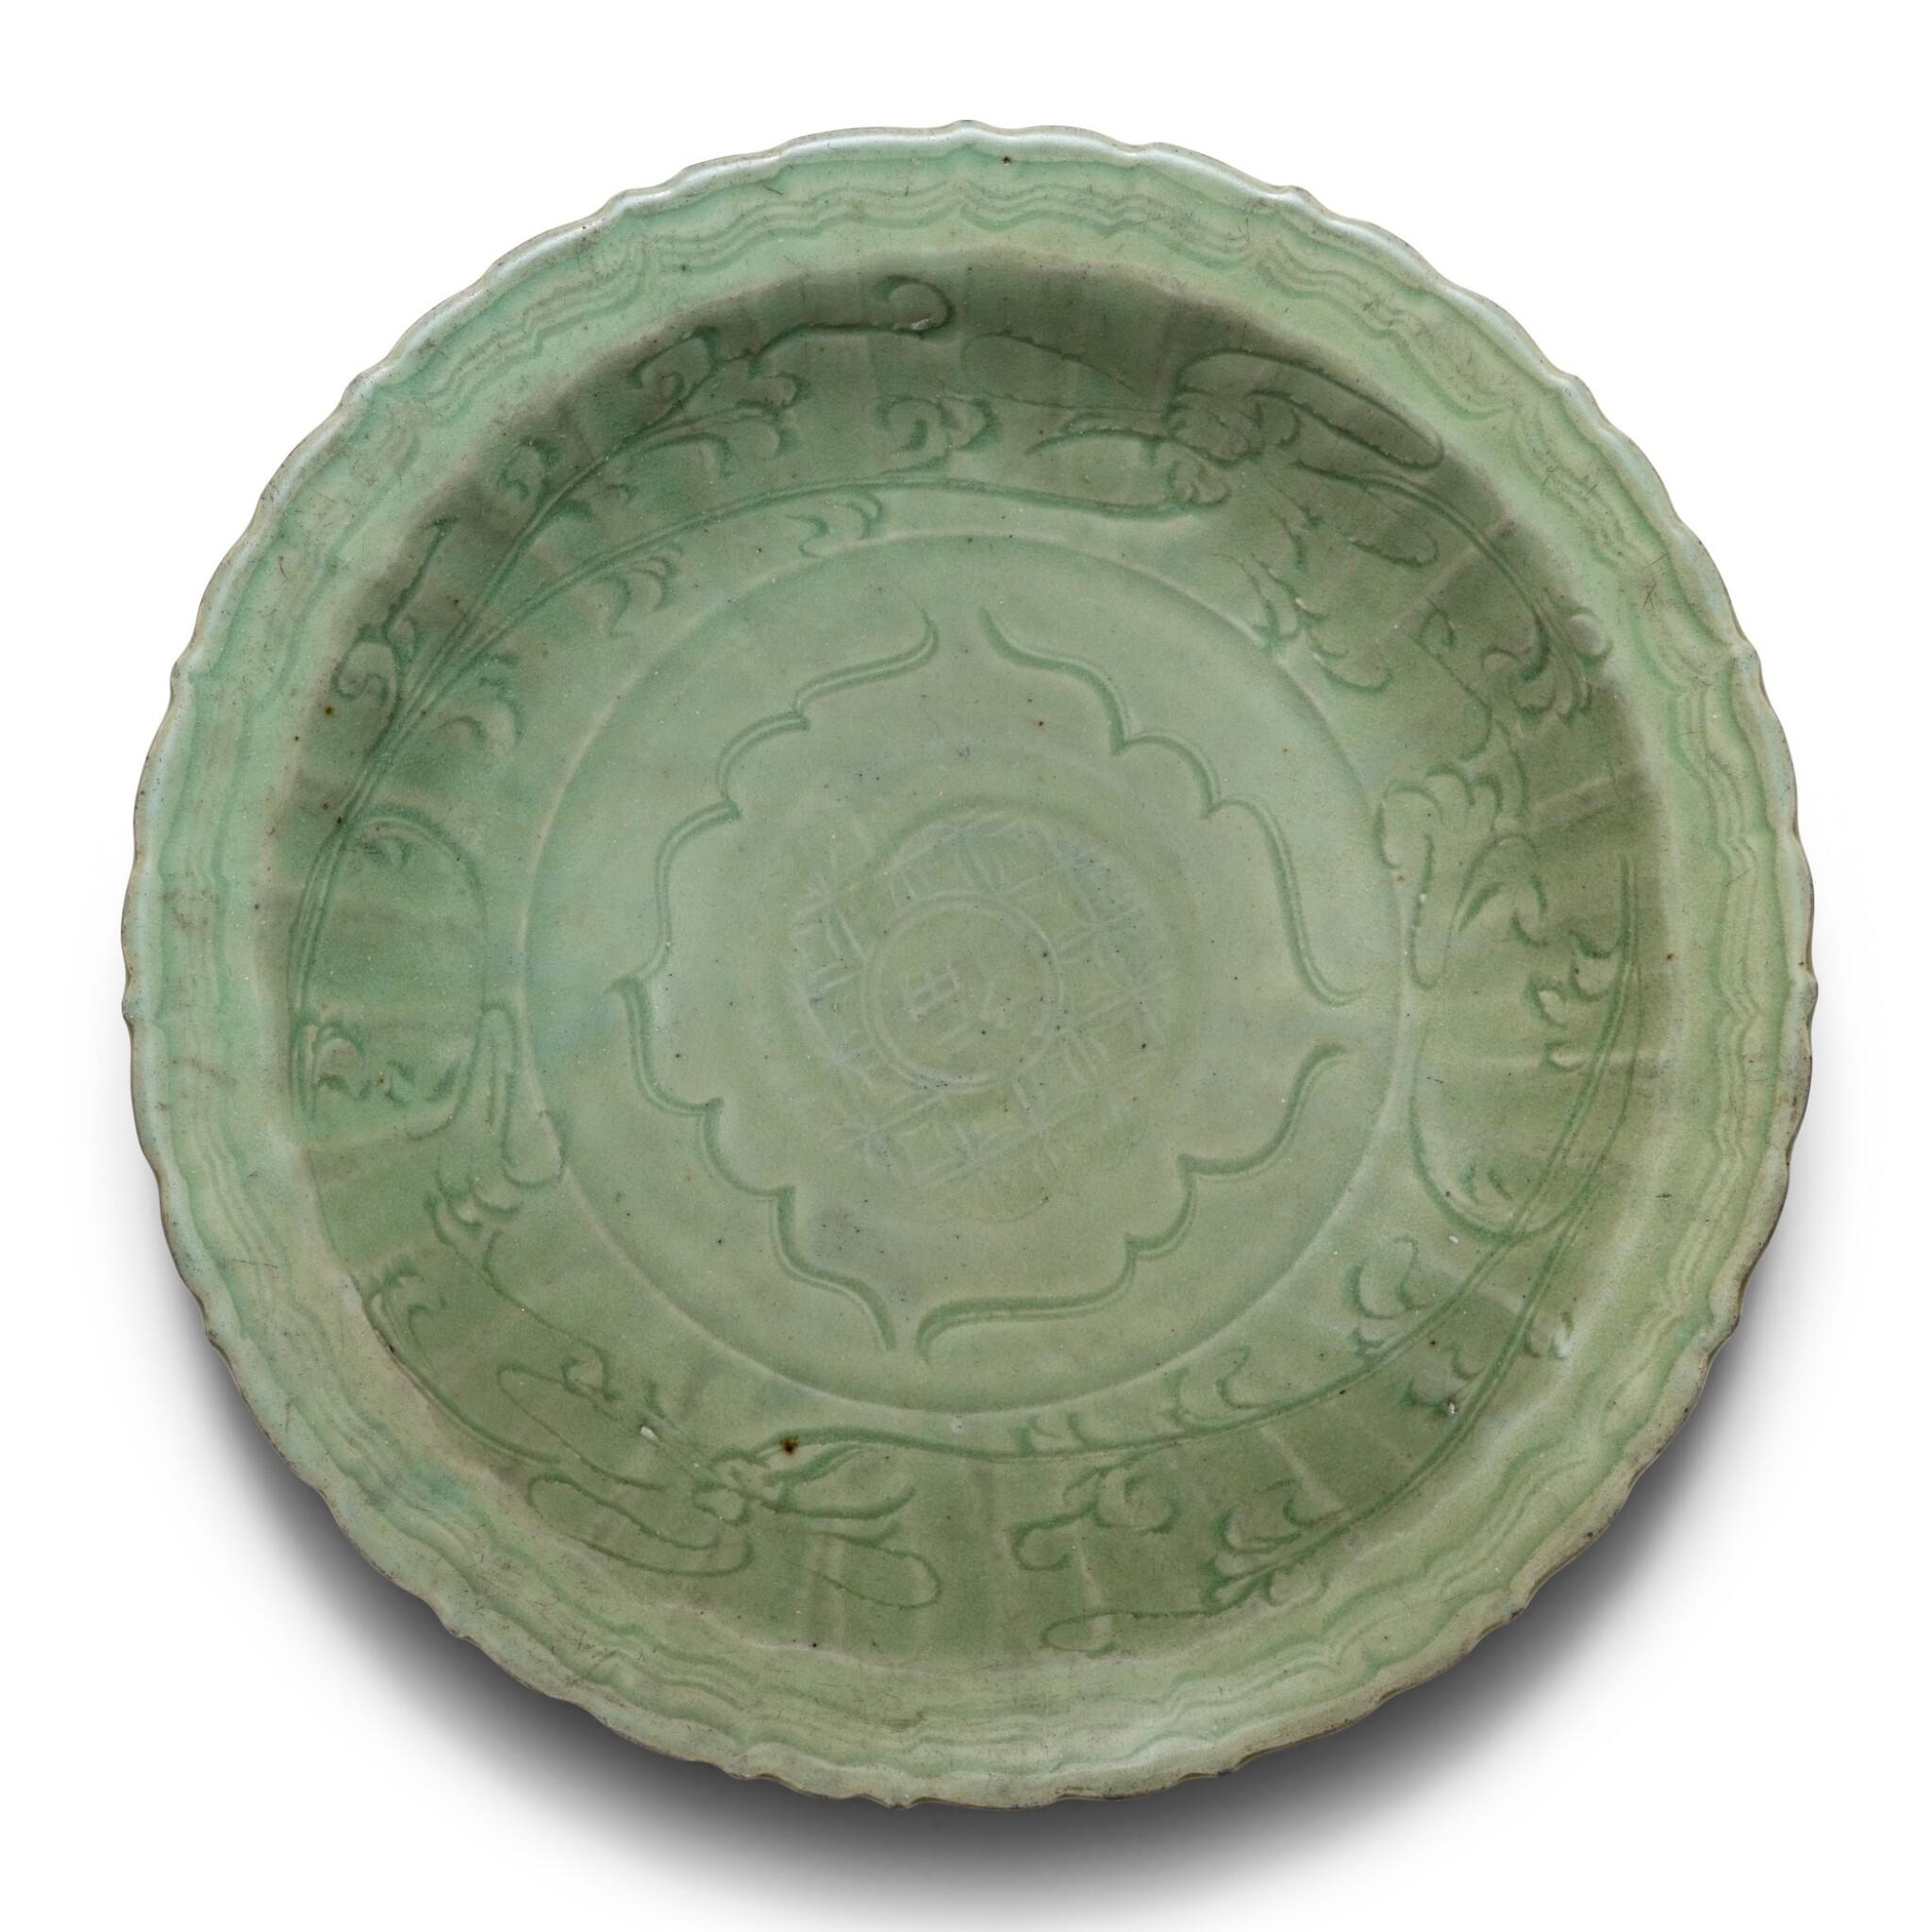 View 1 of Lot 12. Plat en grès céladon Longquan Dynastie Ming   明 龍泉窰青釉刻花菱口折沿盤   A Longqan celadon charger, Ming Dynasty.